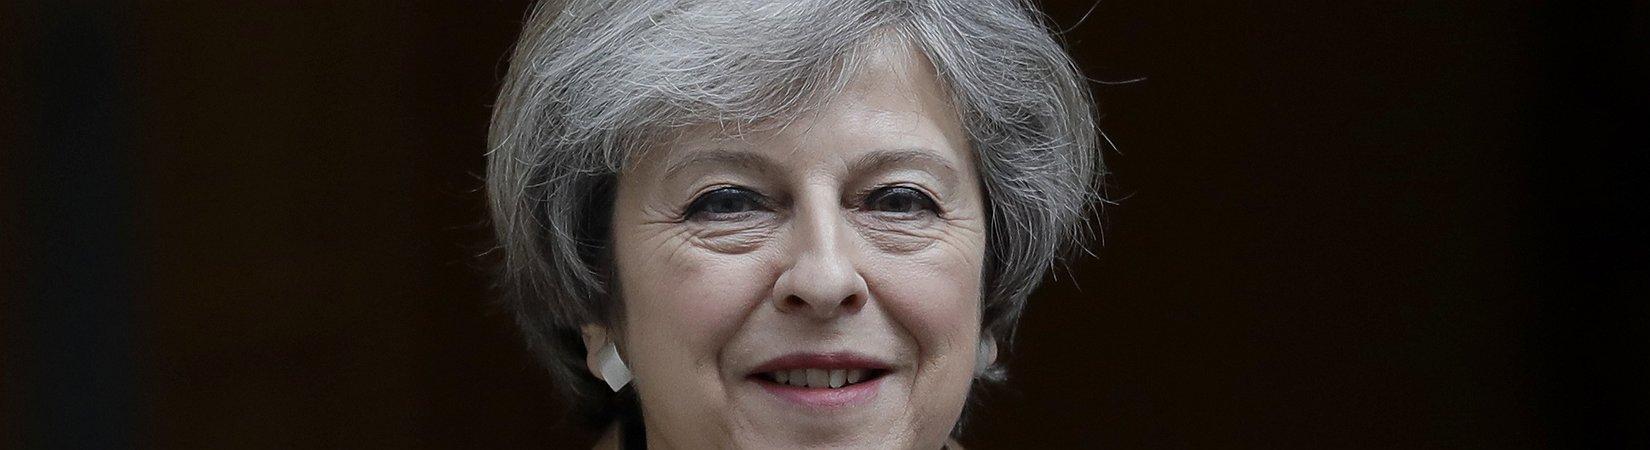 El Reino Unido iniciará el proceso de salida de la UE el 29 de marzo